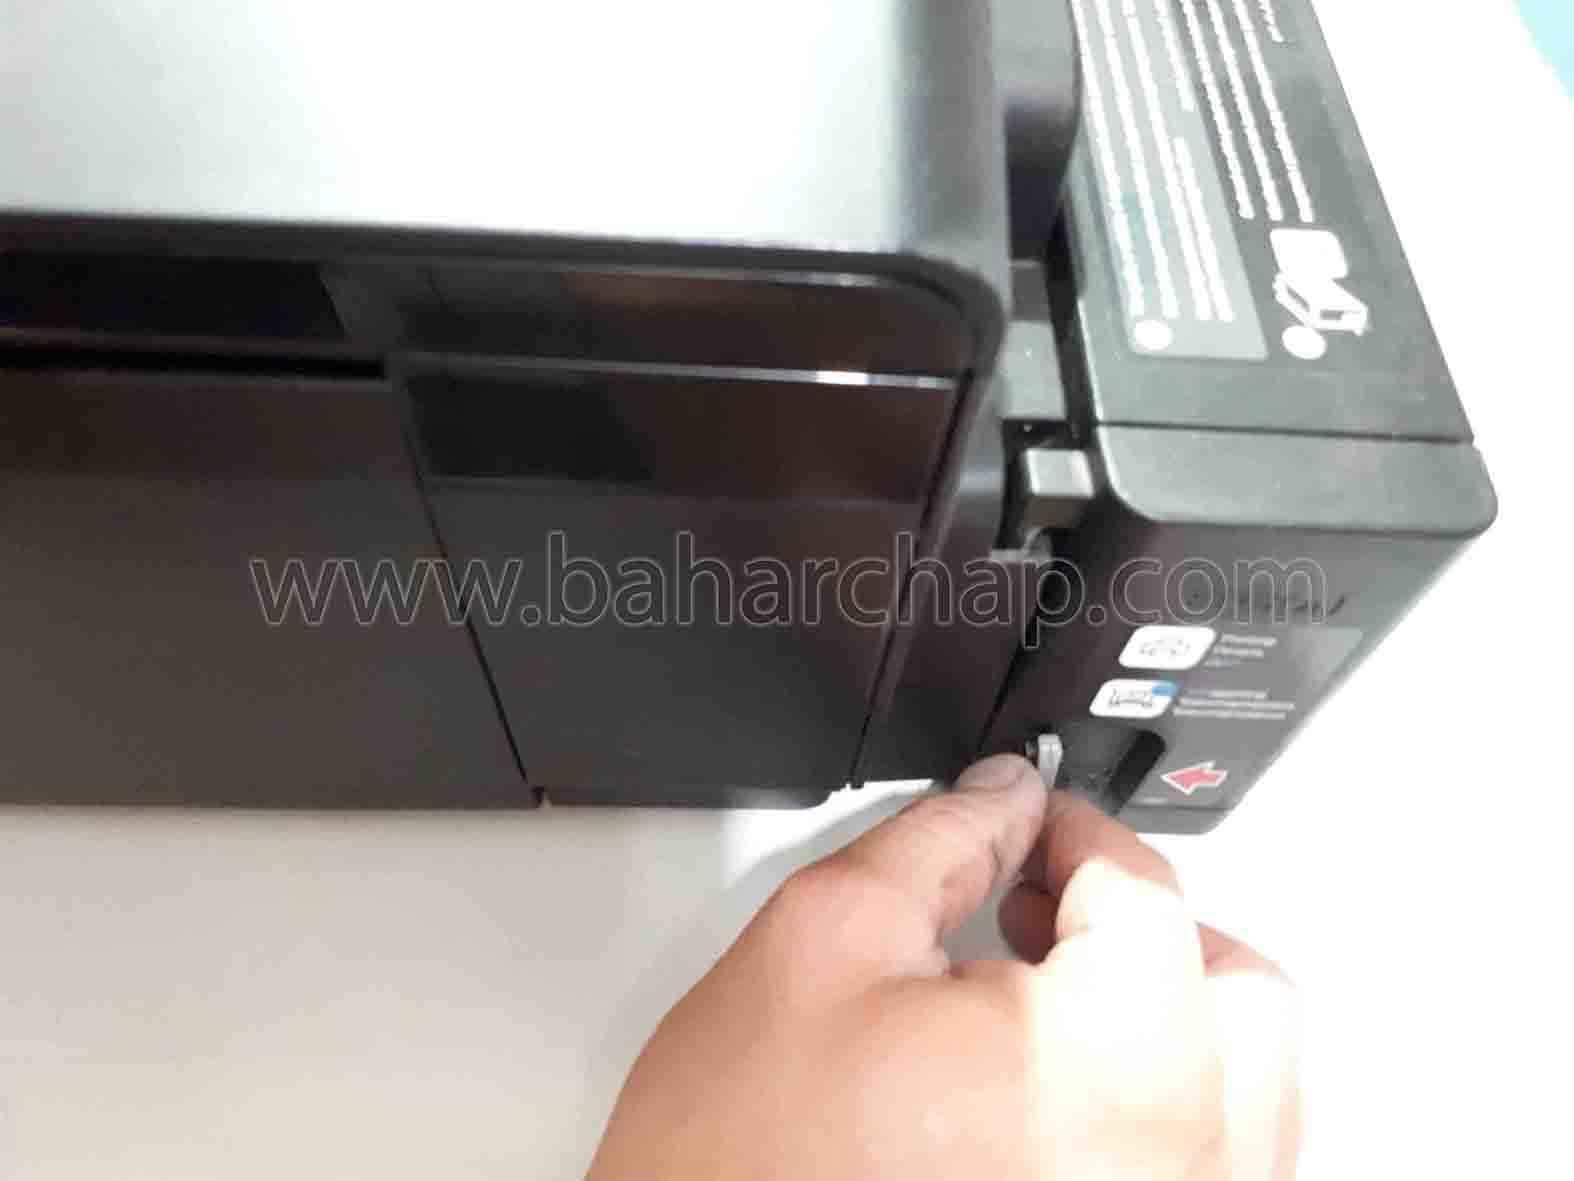 مخزن جوهر اپسون L1800 بستن رنگهای داخل مخزن